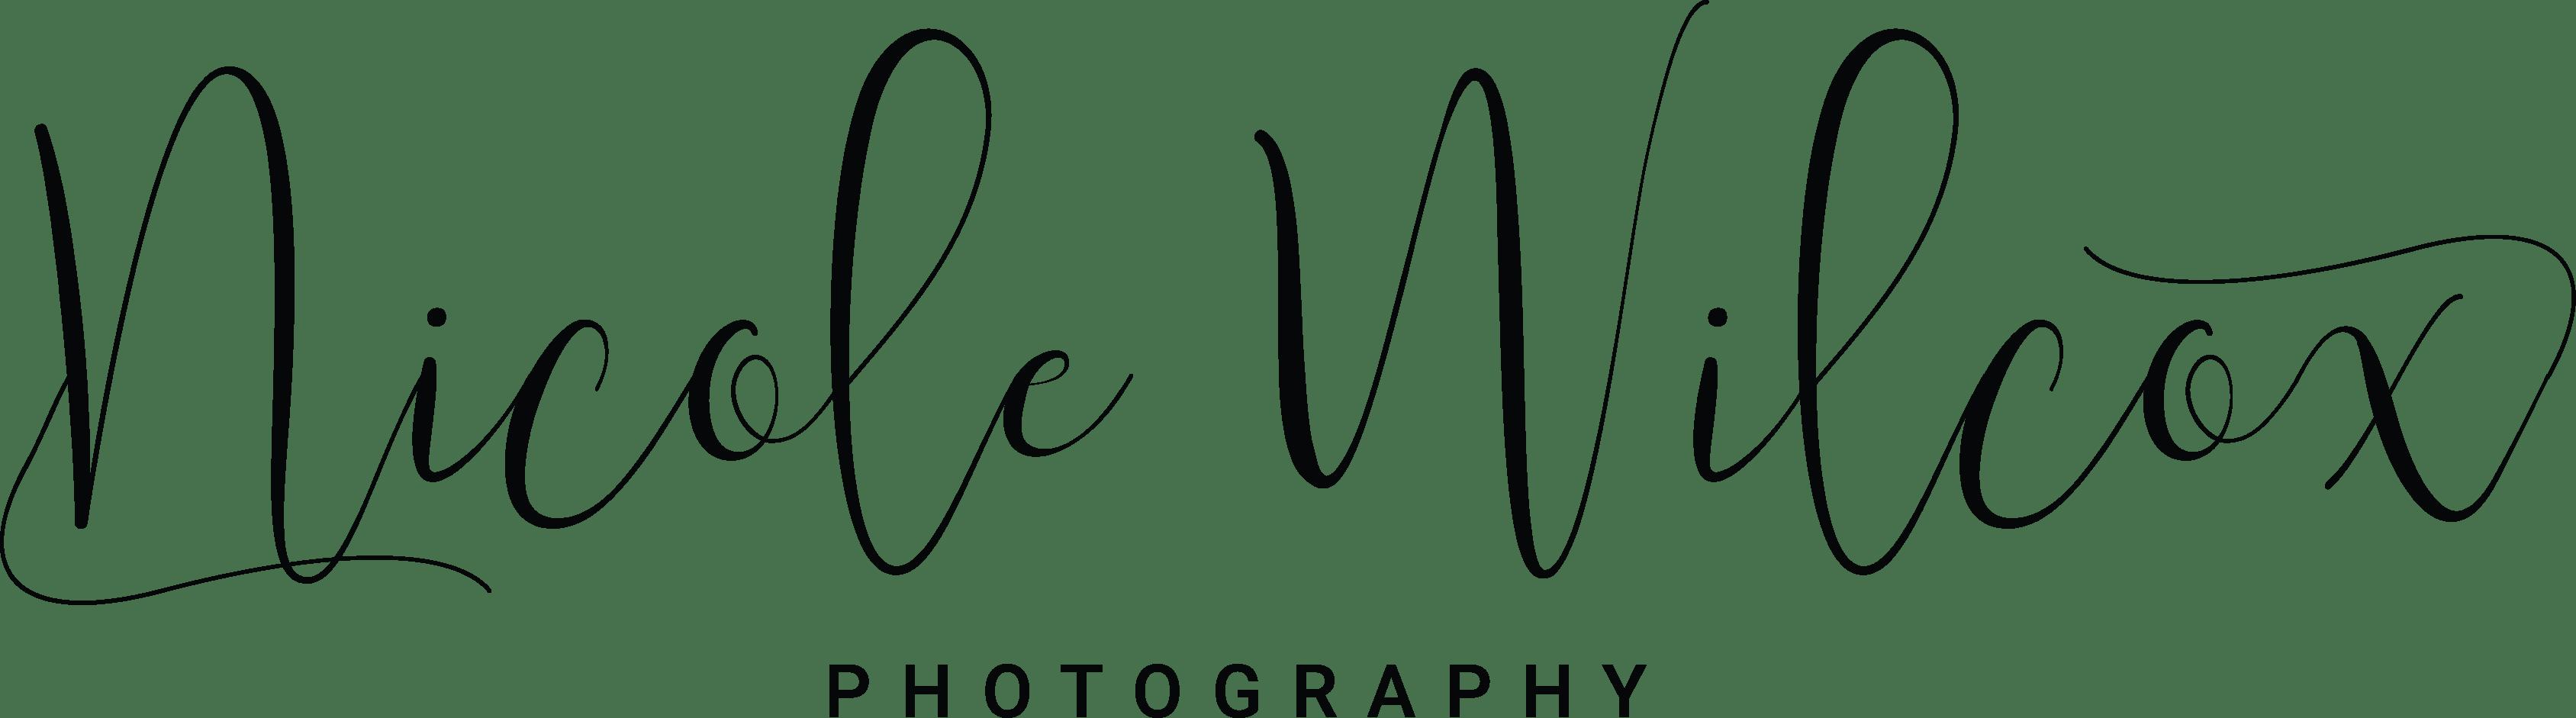 Nicole Wilcox Photography